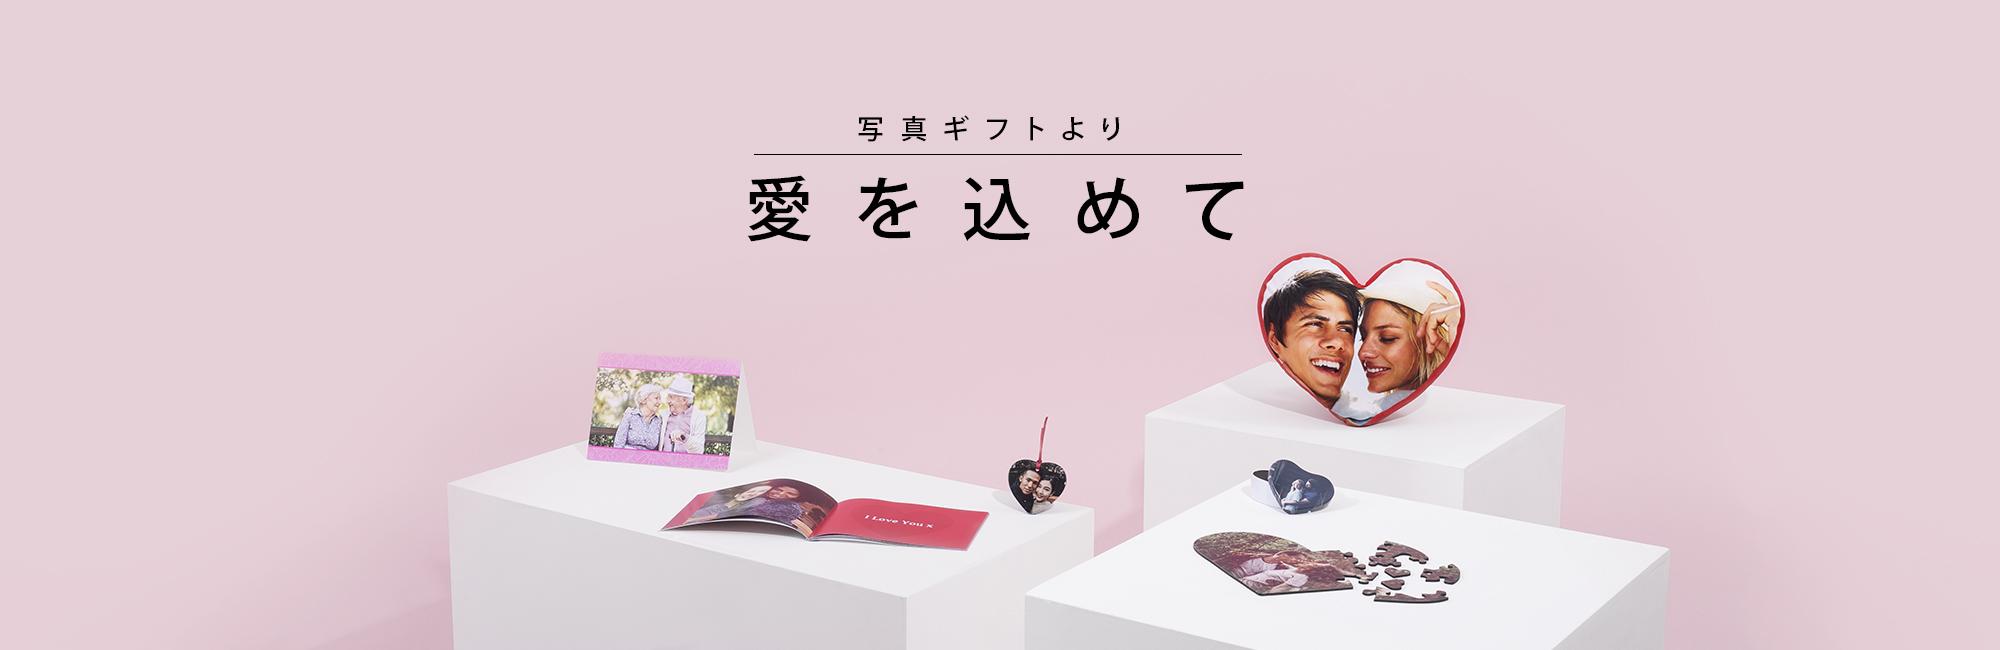 valentines banner JP